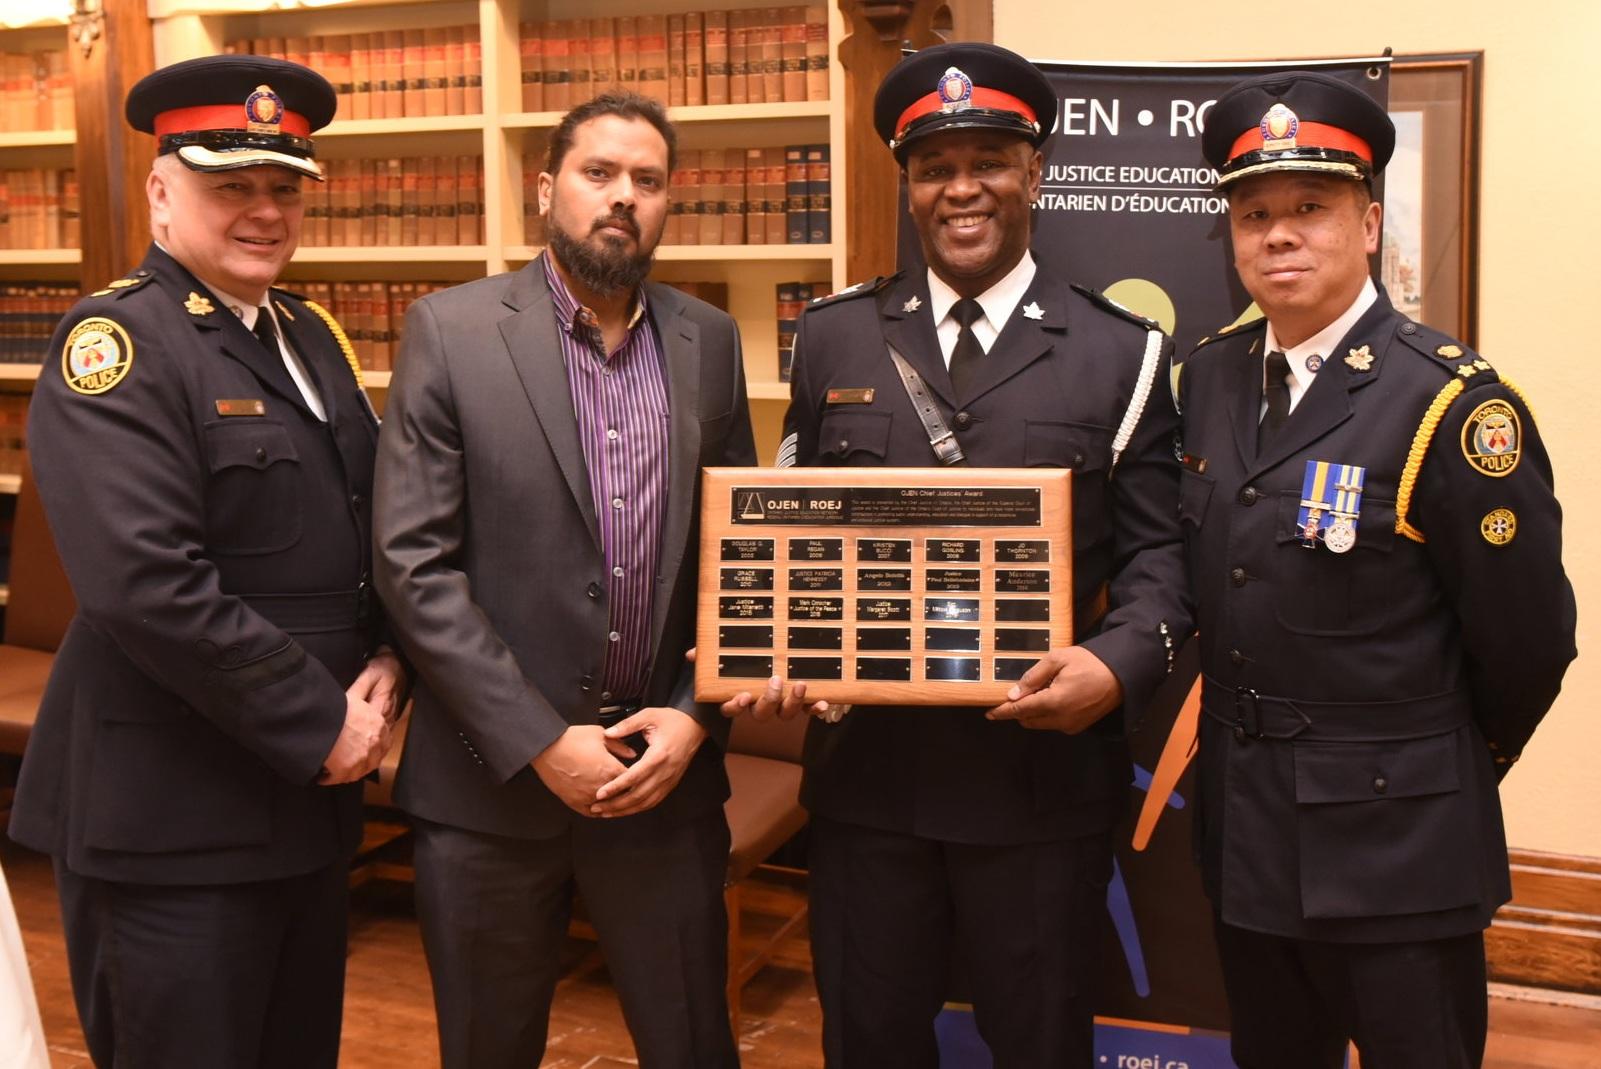 Award winner Sgt. Milton Ferguson with Deputy Chief Peter Yuen (r), Supt. Myron Demkiw & Soul-R-Damon Maraj